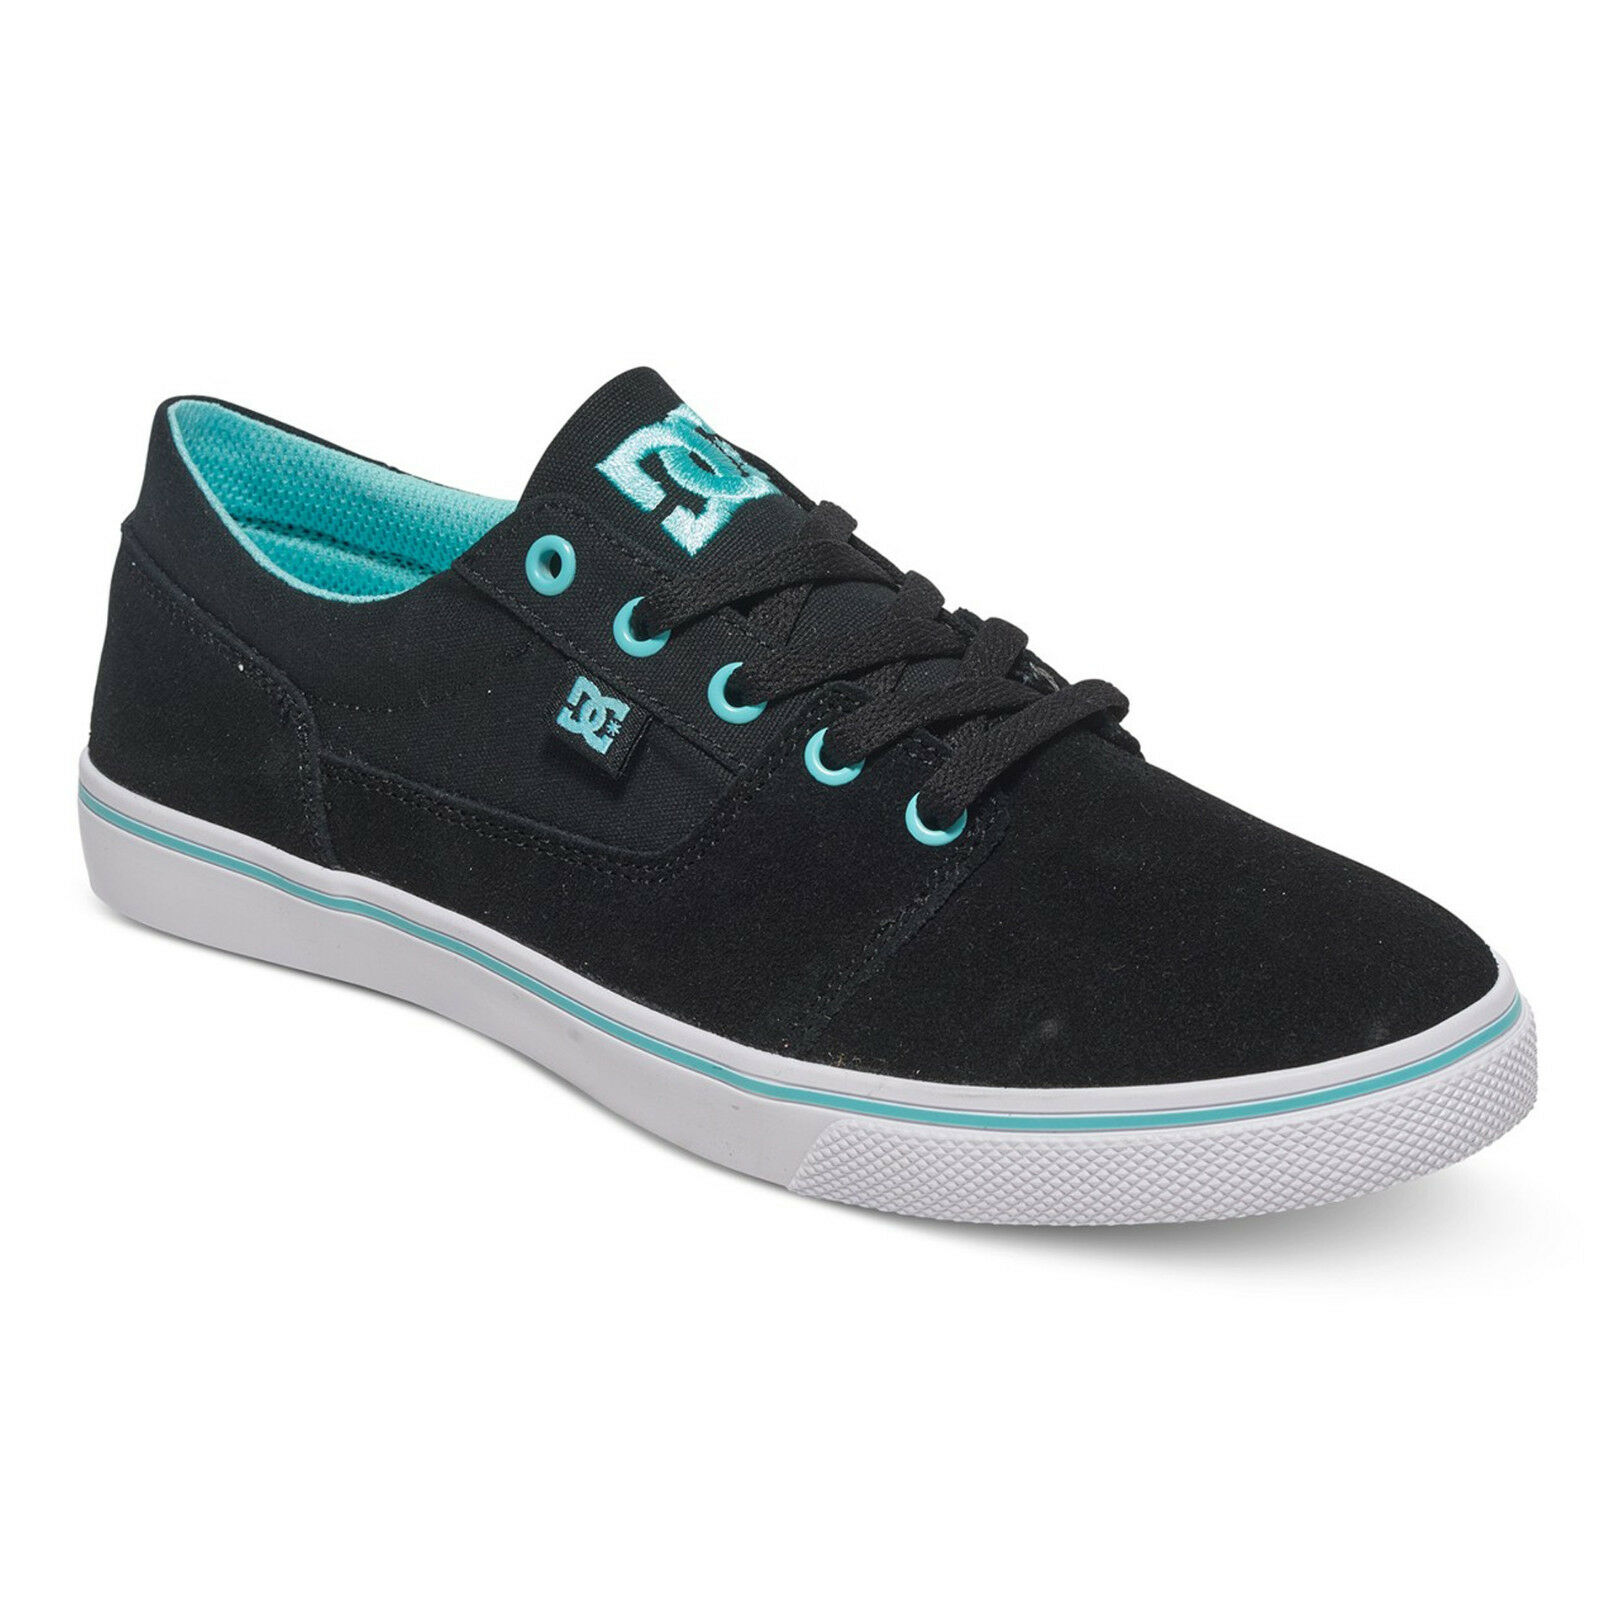 DC - TONIK W - - - BAS TOP CHAUSSURES NOIRES / Aqua (ba2) FEMMES skate baskets 33c52a